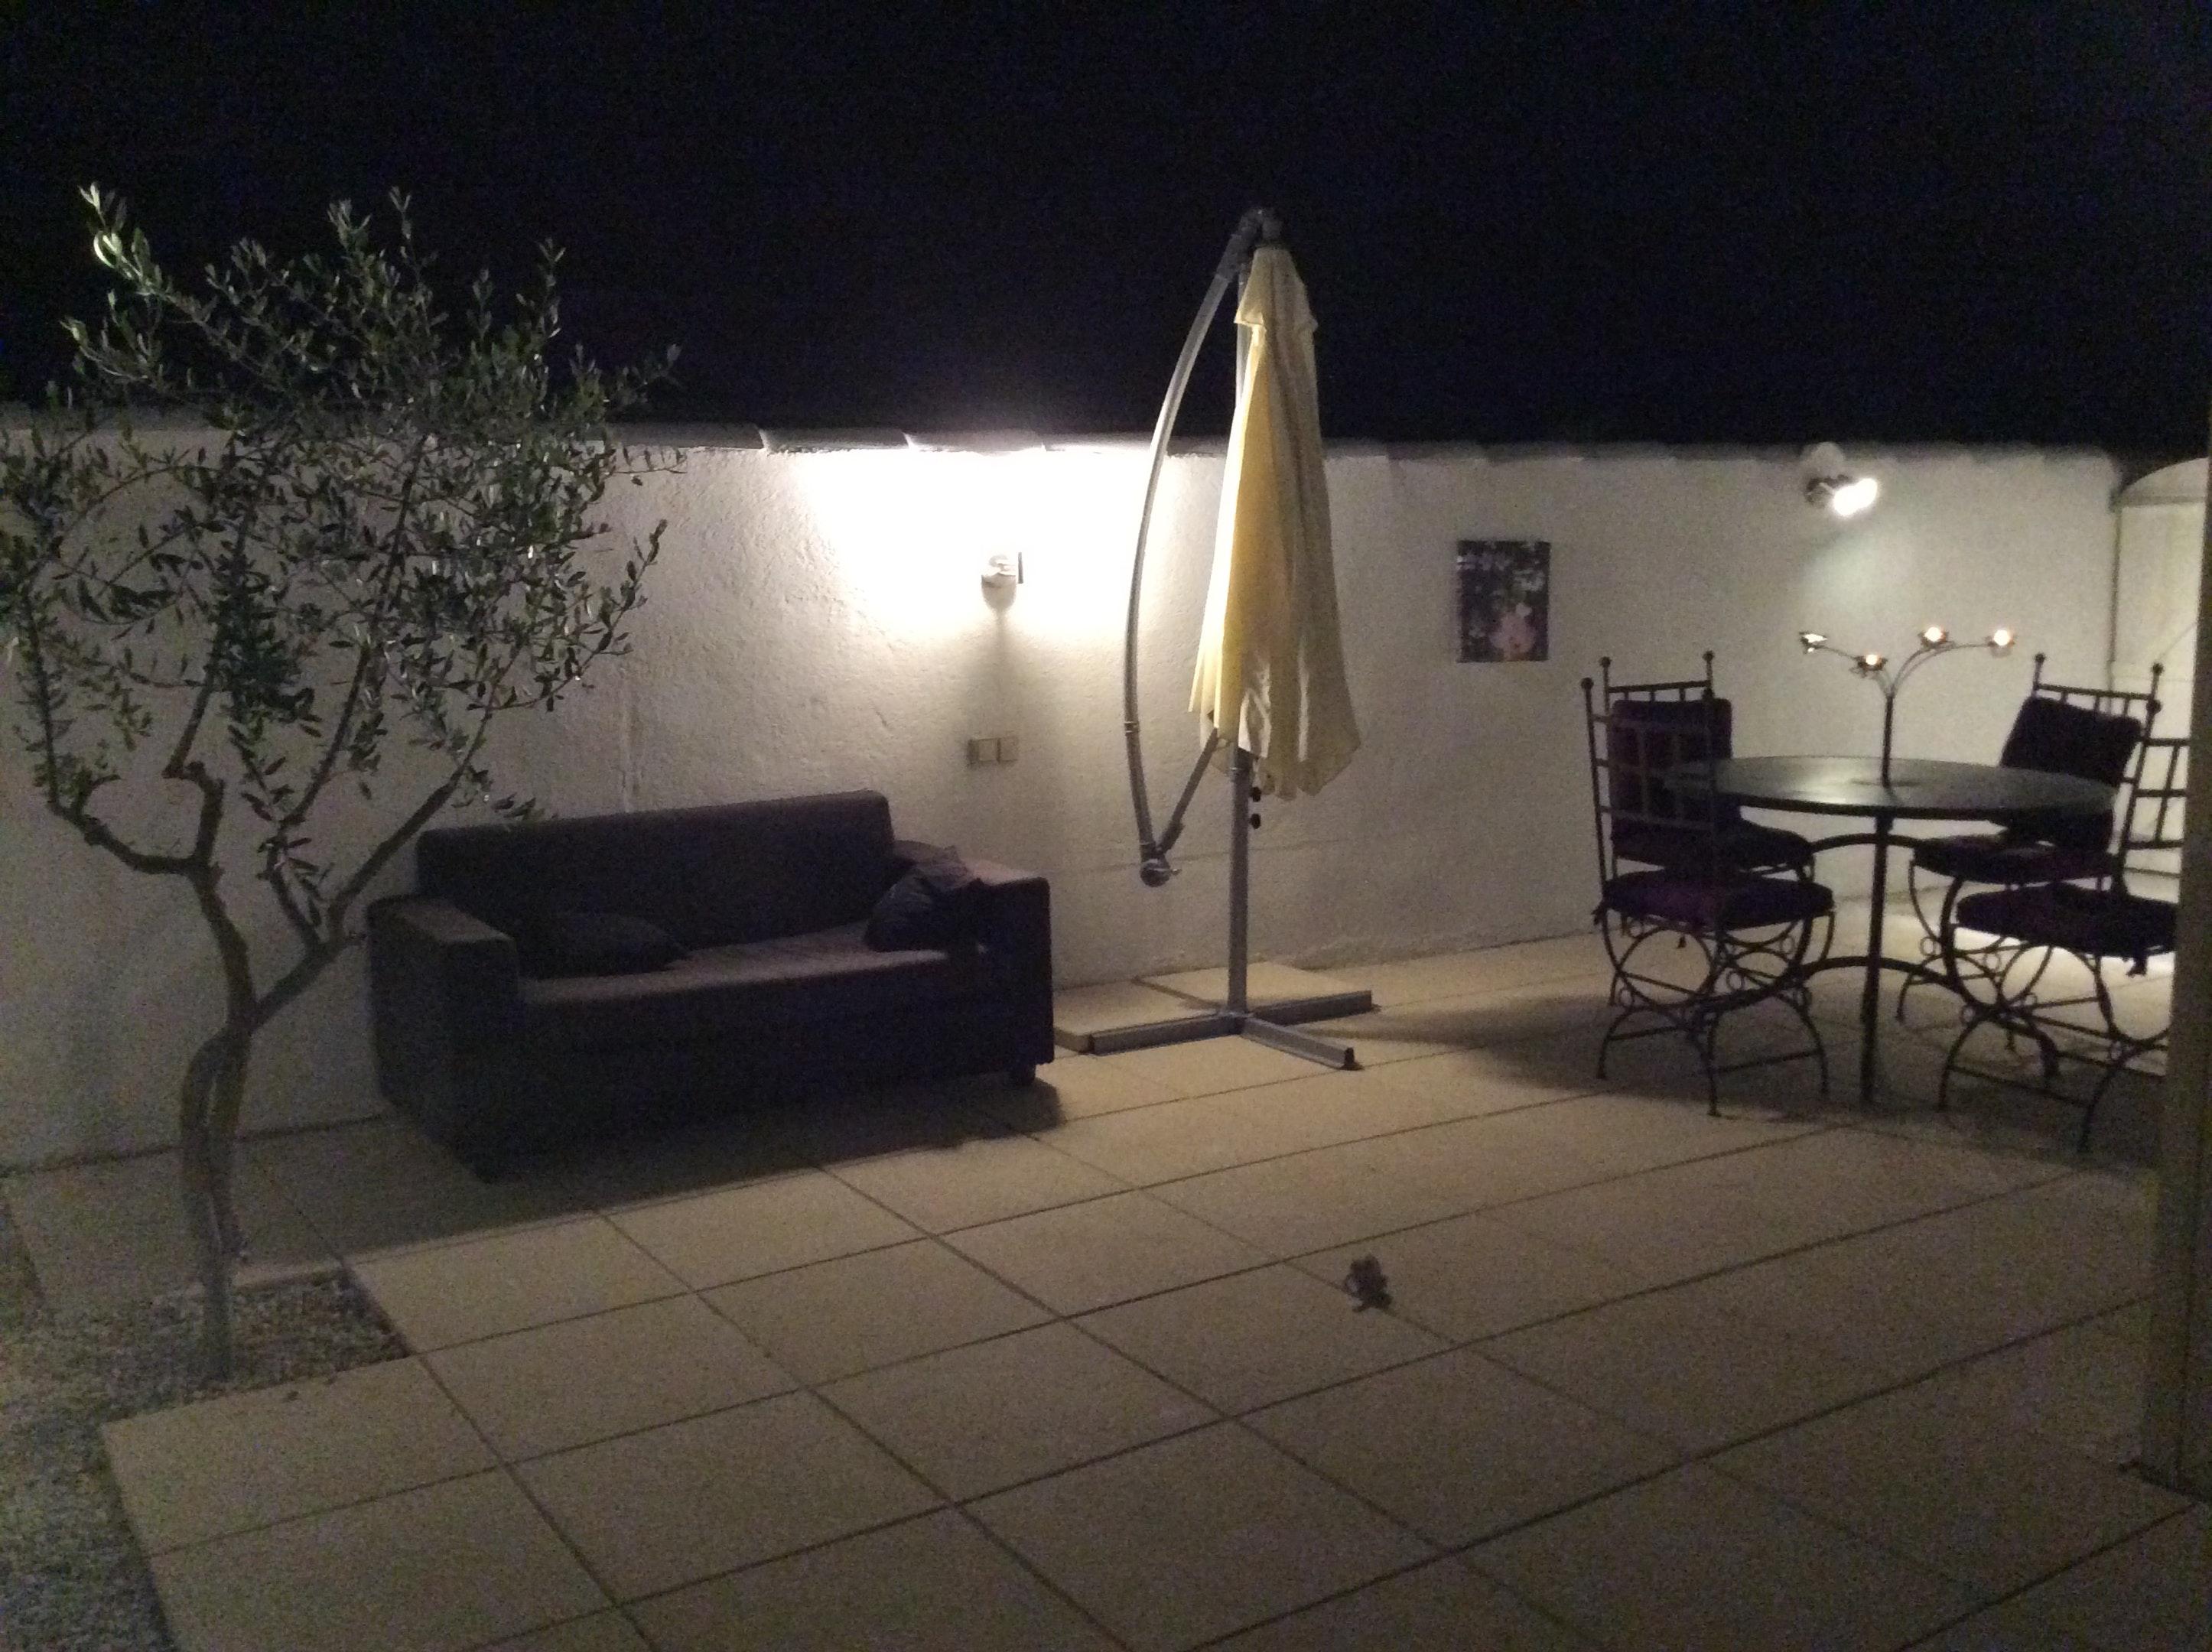 Maison de vacances Villa mit 3 Schlafzimmern in L'Isle-sur-la-Sorgue mit privatem Pool, möblierter Terrasse u (2208394), L'Isle sur la Sorgue, Vaucluse, Provence - Alpes - Côte d'Azur, France, image 19